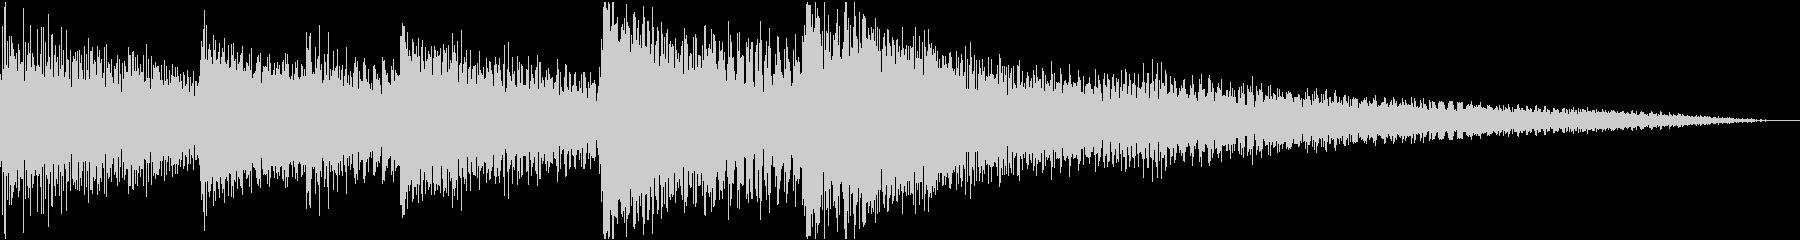 シンプル3秒ピアノジングル/サウンドロゴの未再生の波形